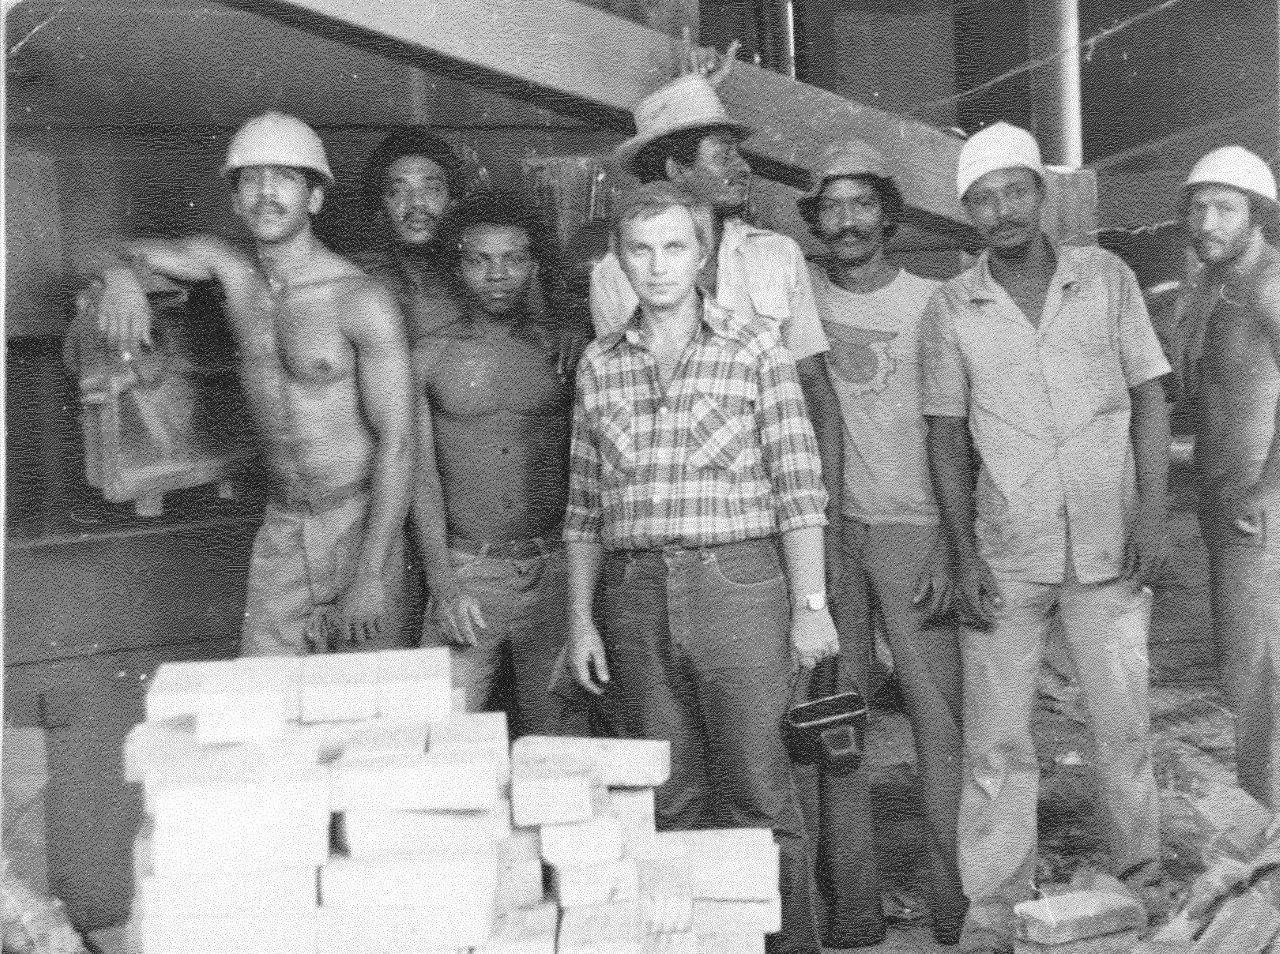 1990. Чалов Михаил Александрович и кубинские рабочие на строительстве никелевого завода Лас-Камариокас